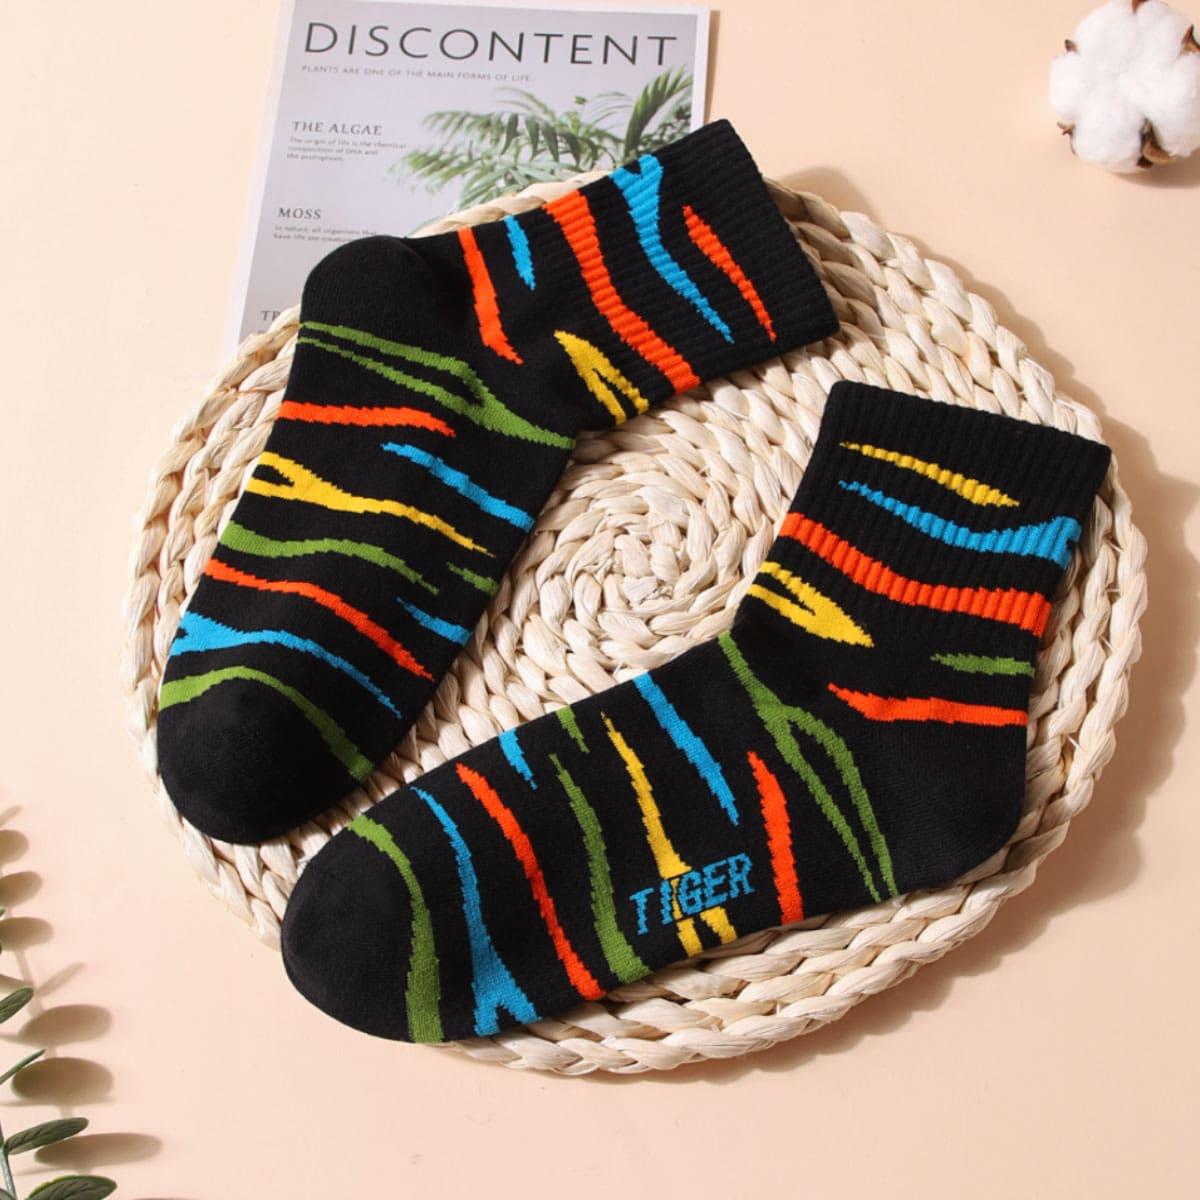 Chaussettes avec motif tigre